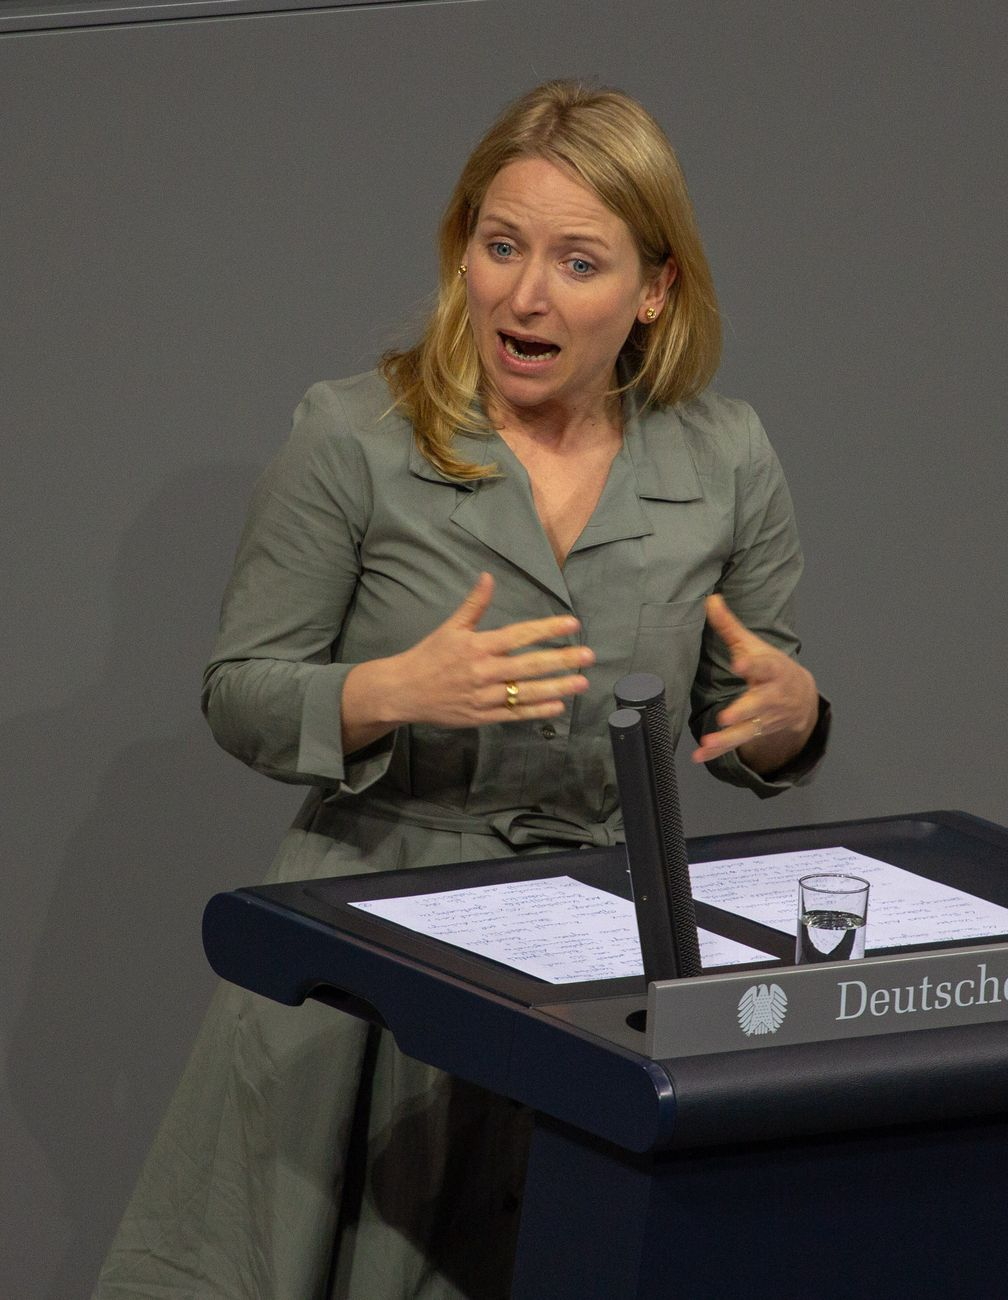 Aletta Von Massenbach